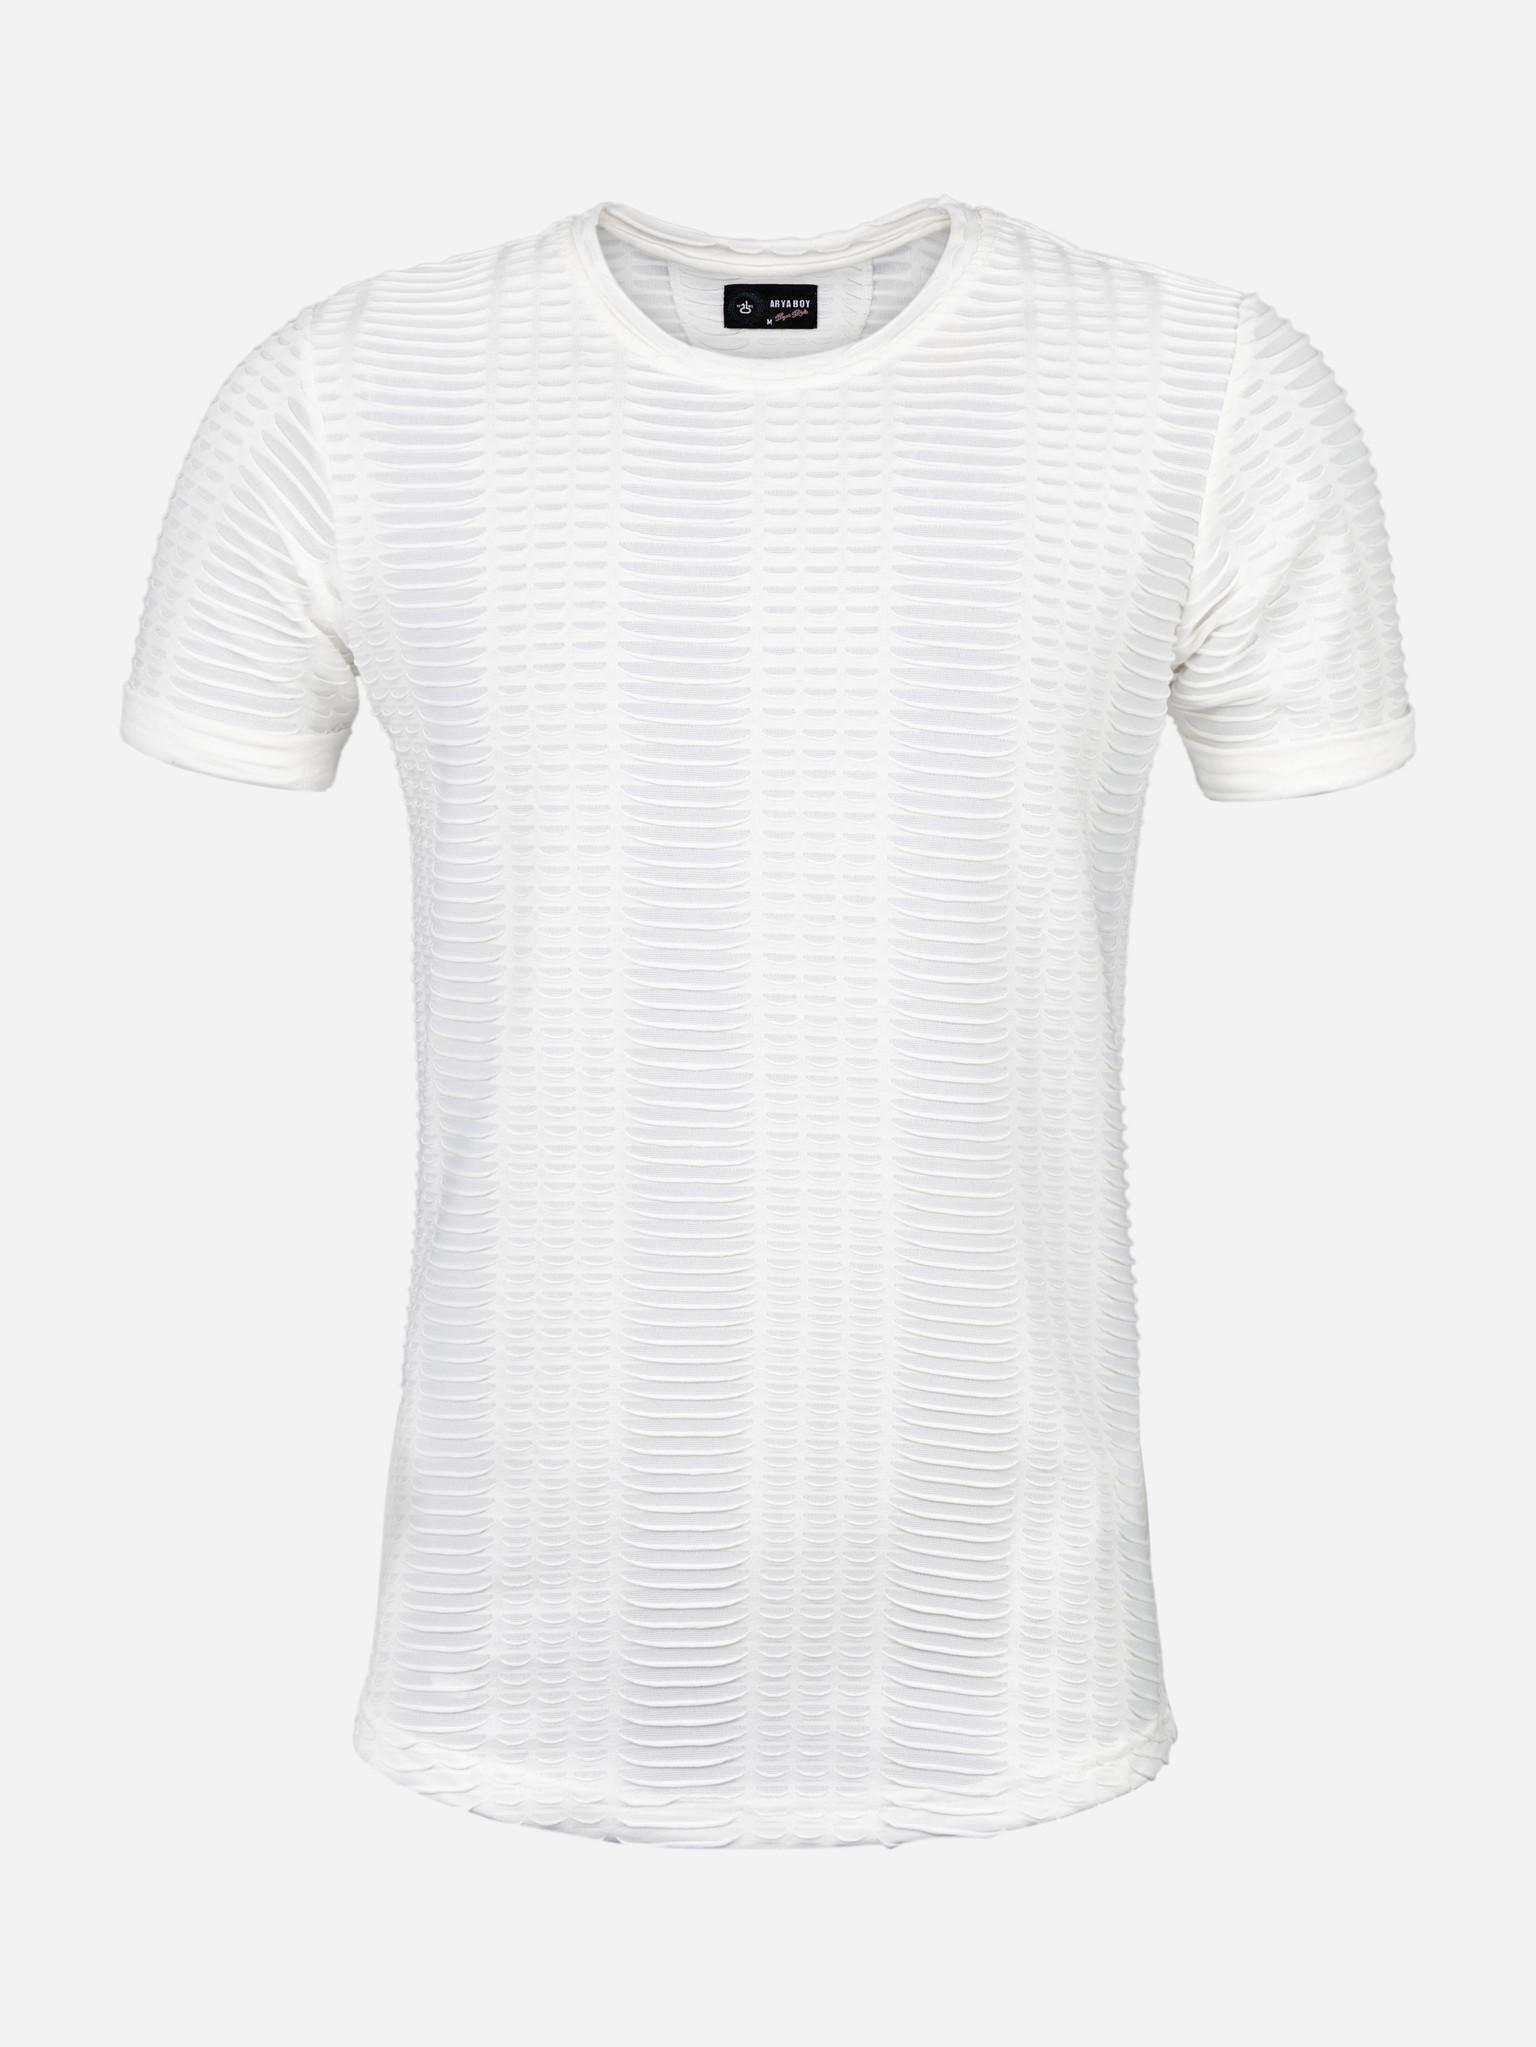 Wam Denim T-Shirt Uzwil White Maat: M